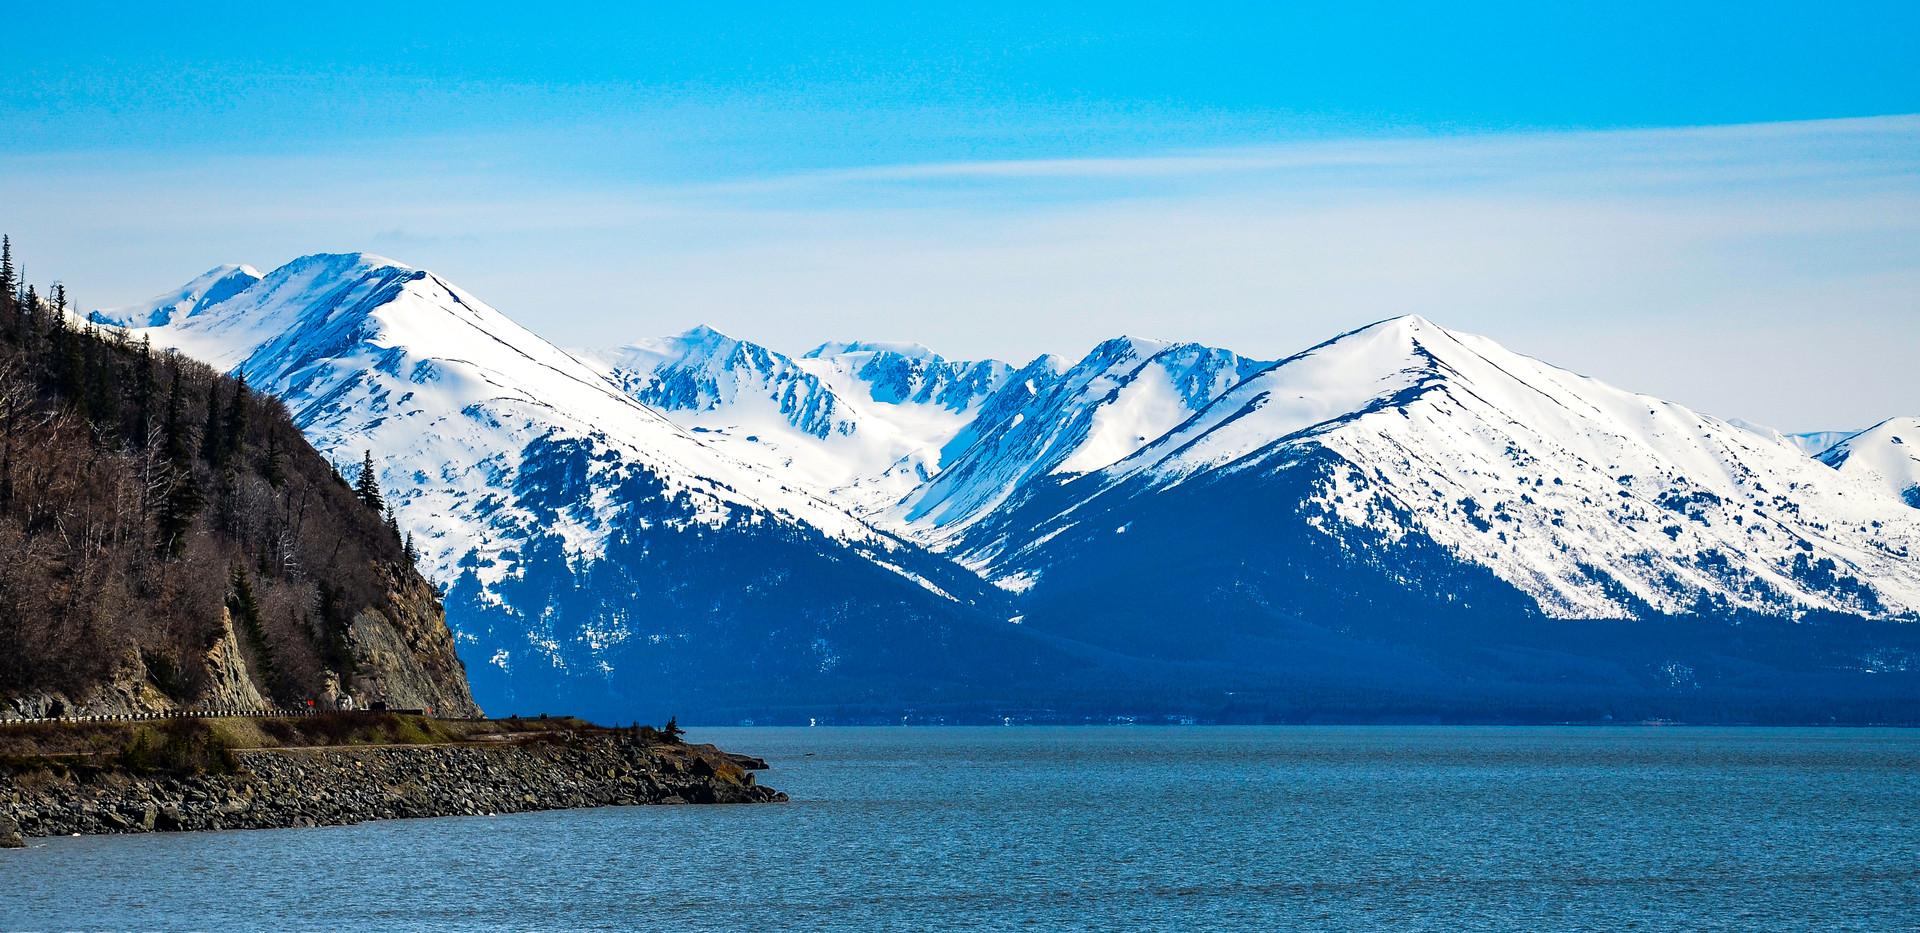 Kenai Peninsula and Turnagain Arm, Alaska